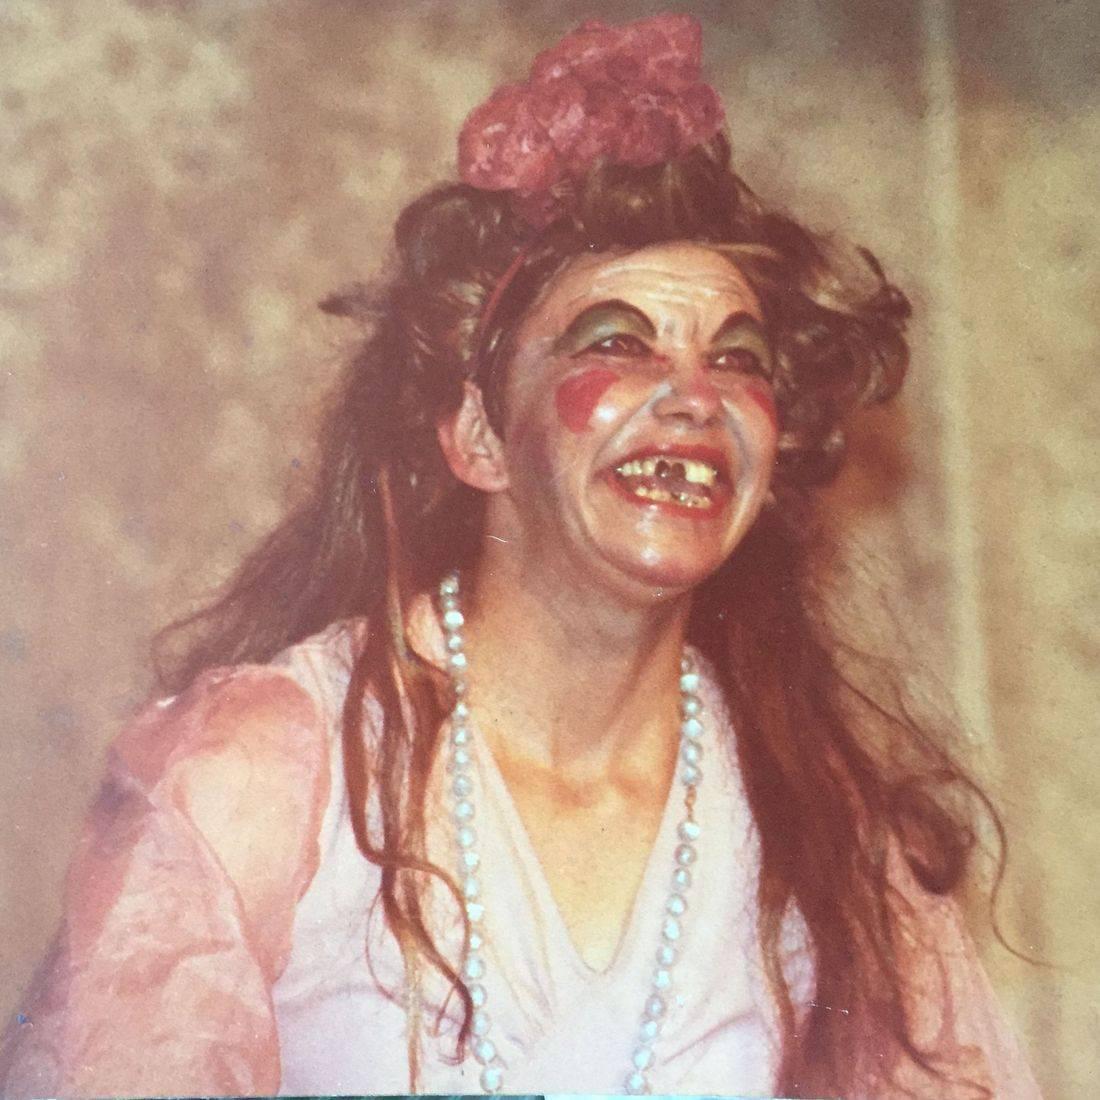 La orgía  by Enrique Buenaventura, directed by Gustavo Gac-Artigas, actress: Perla Valencia